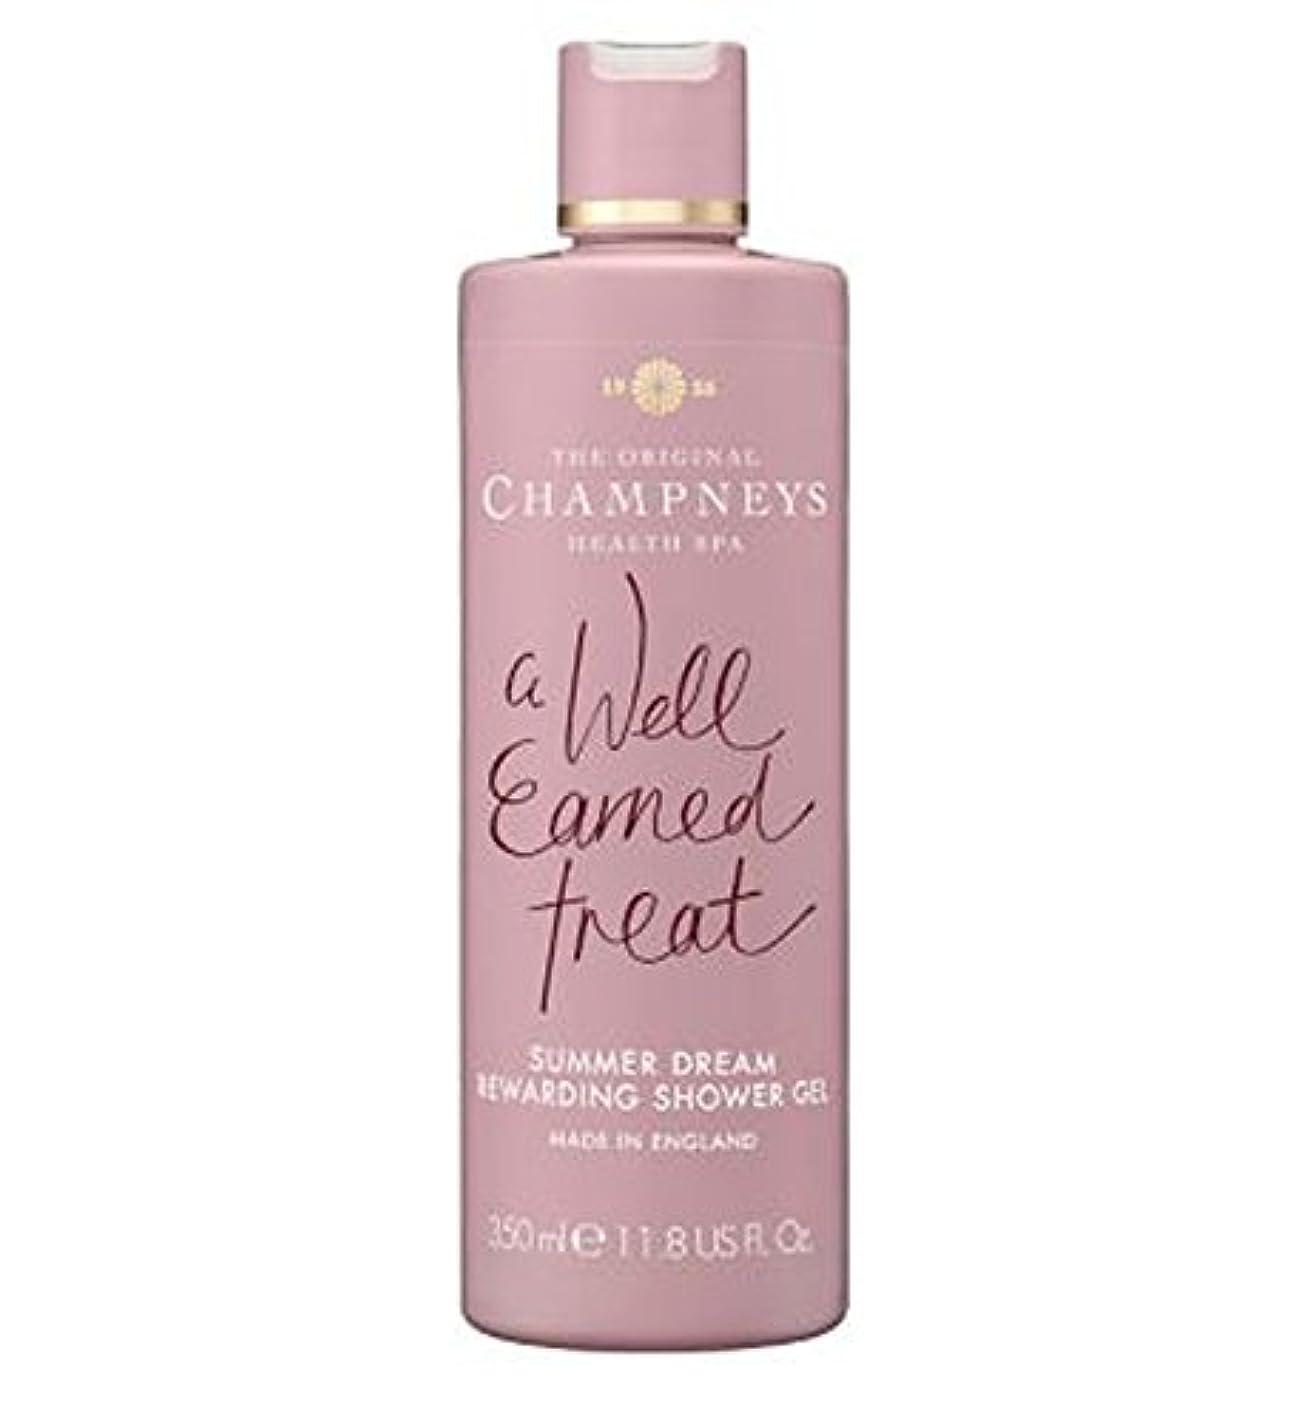 置くためにパック亡命トロイの木馬Champneys Summer Dream Rewarding Shower Gel 350ml - チャンプニーズの夏の夢やりがいのシャワージェル350ミリリットル (Champneys) [並行輸入品]